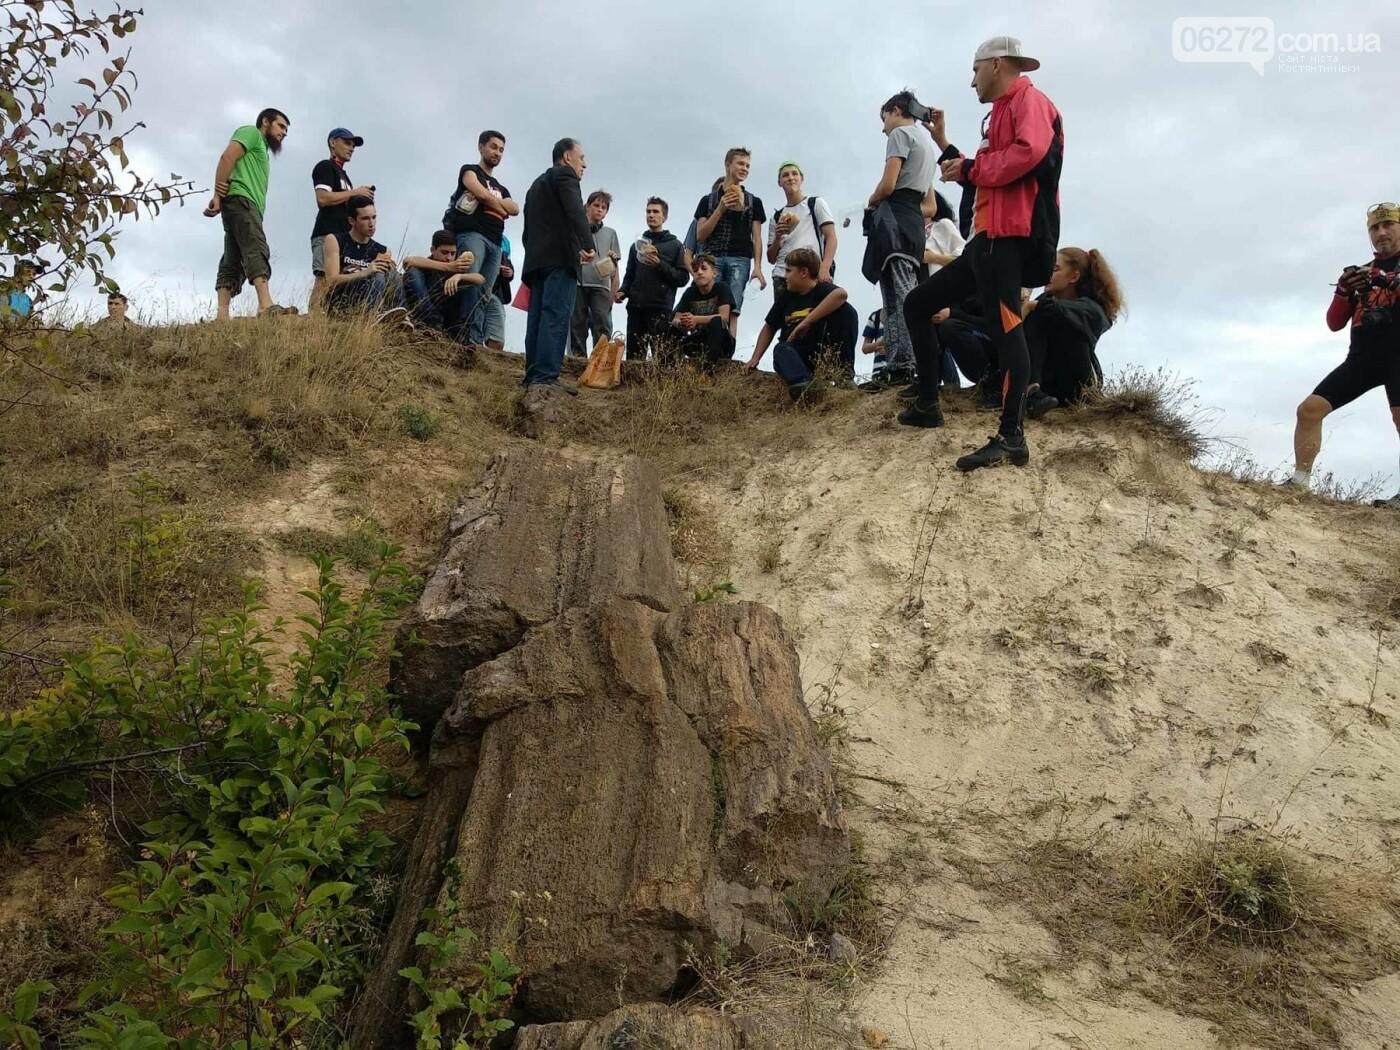 Велосипедисти доторкнулися до скам'янілих дерев, яким понад 250 мільйонів років, фото-1